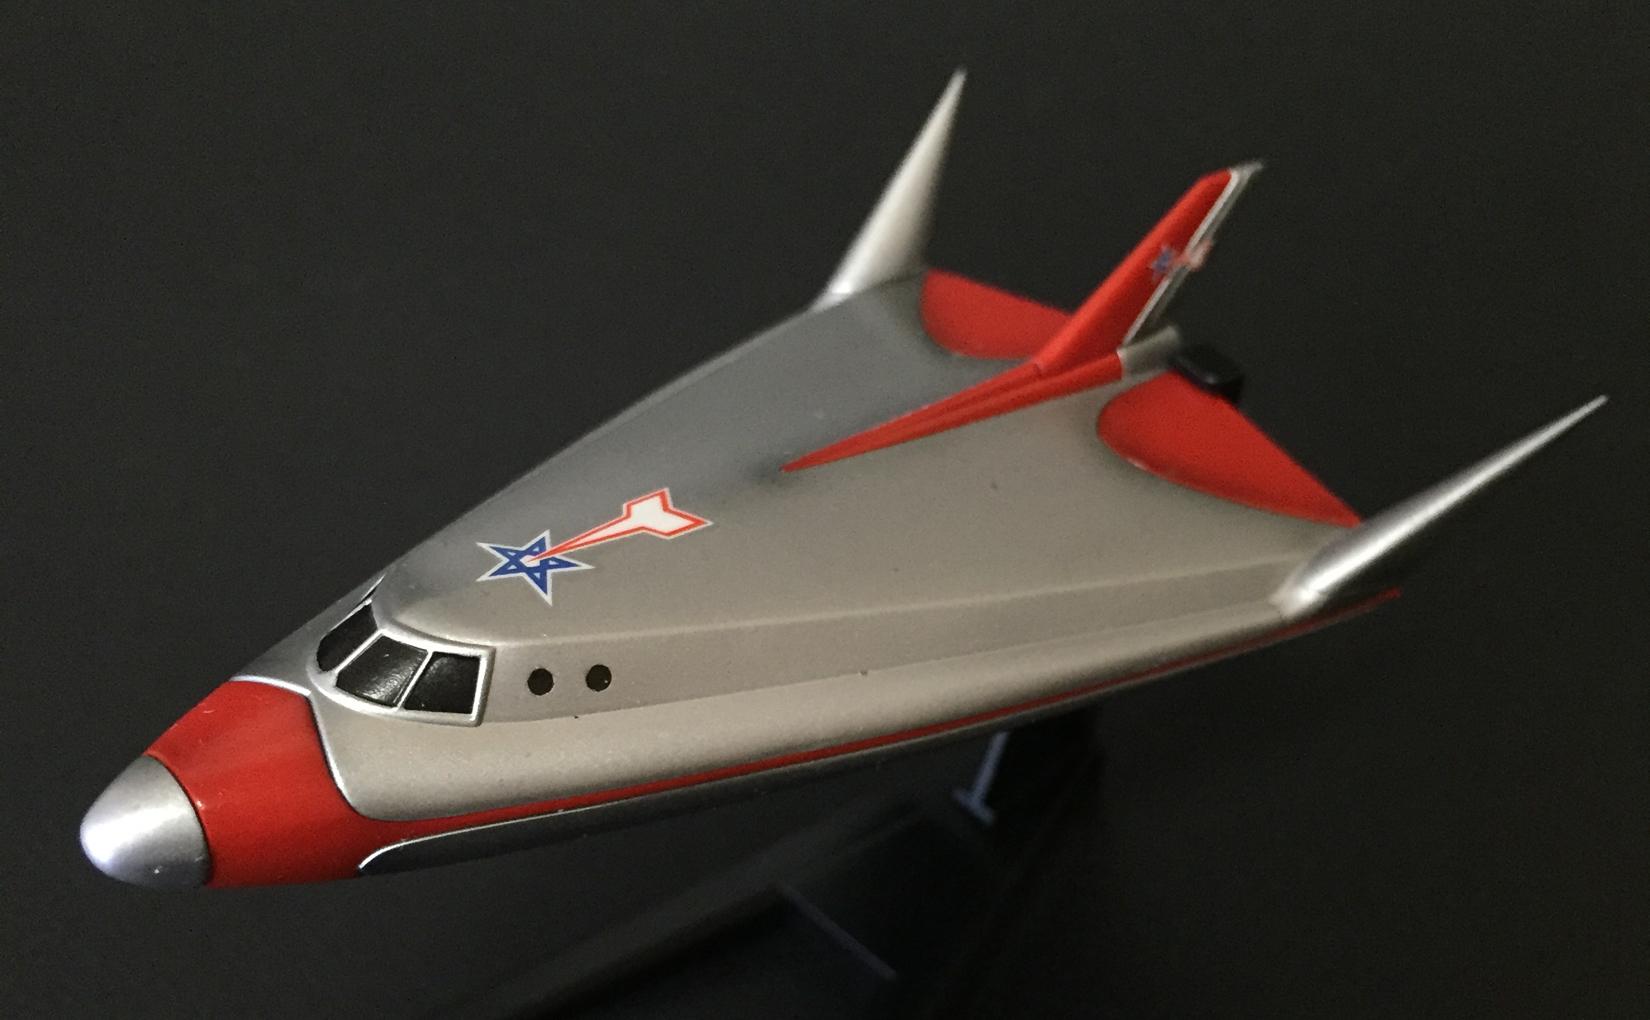 バンダイ メカコレクション ウルトラマンシリーズ 04 小型ビートル